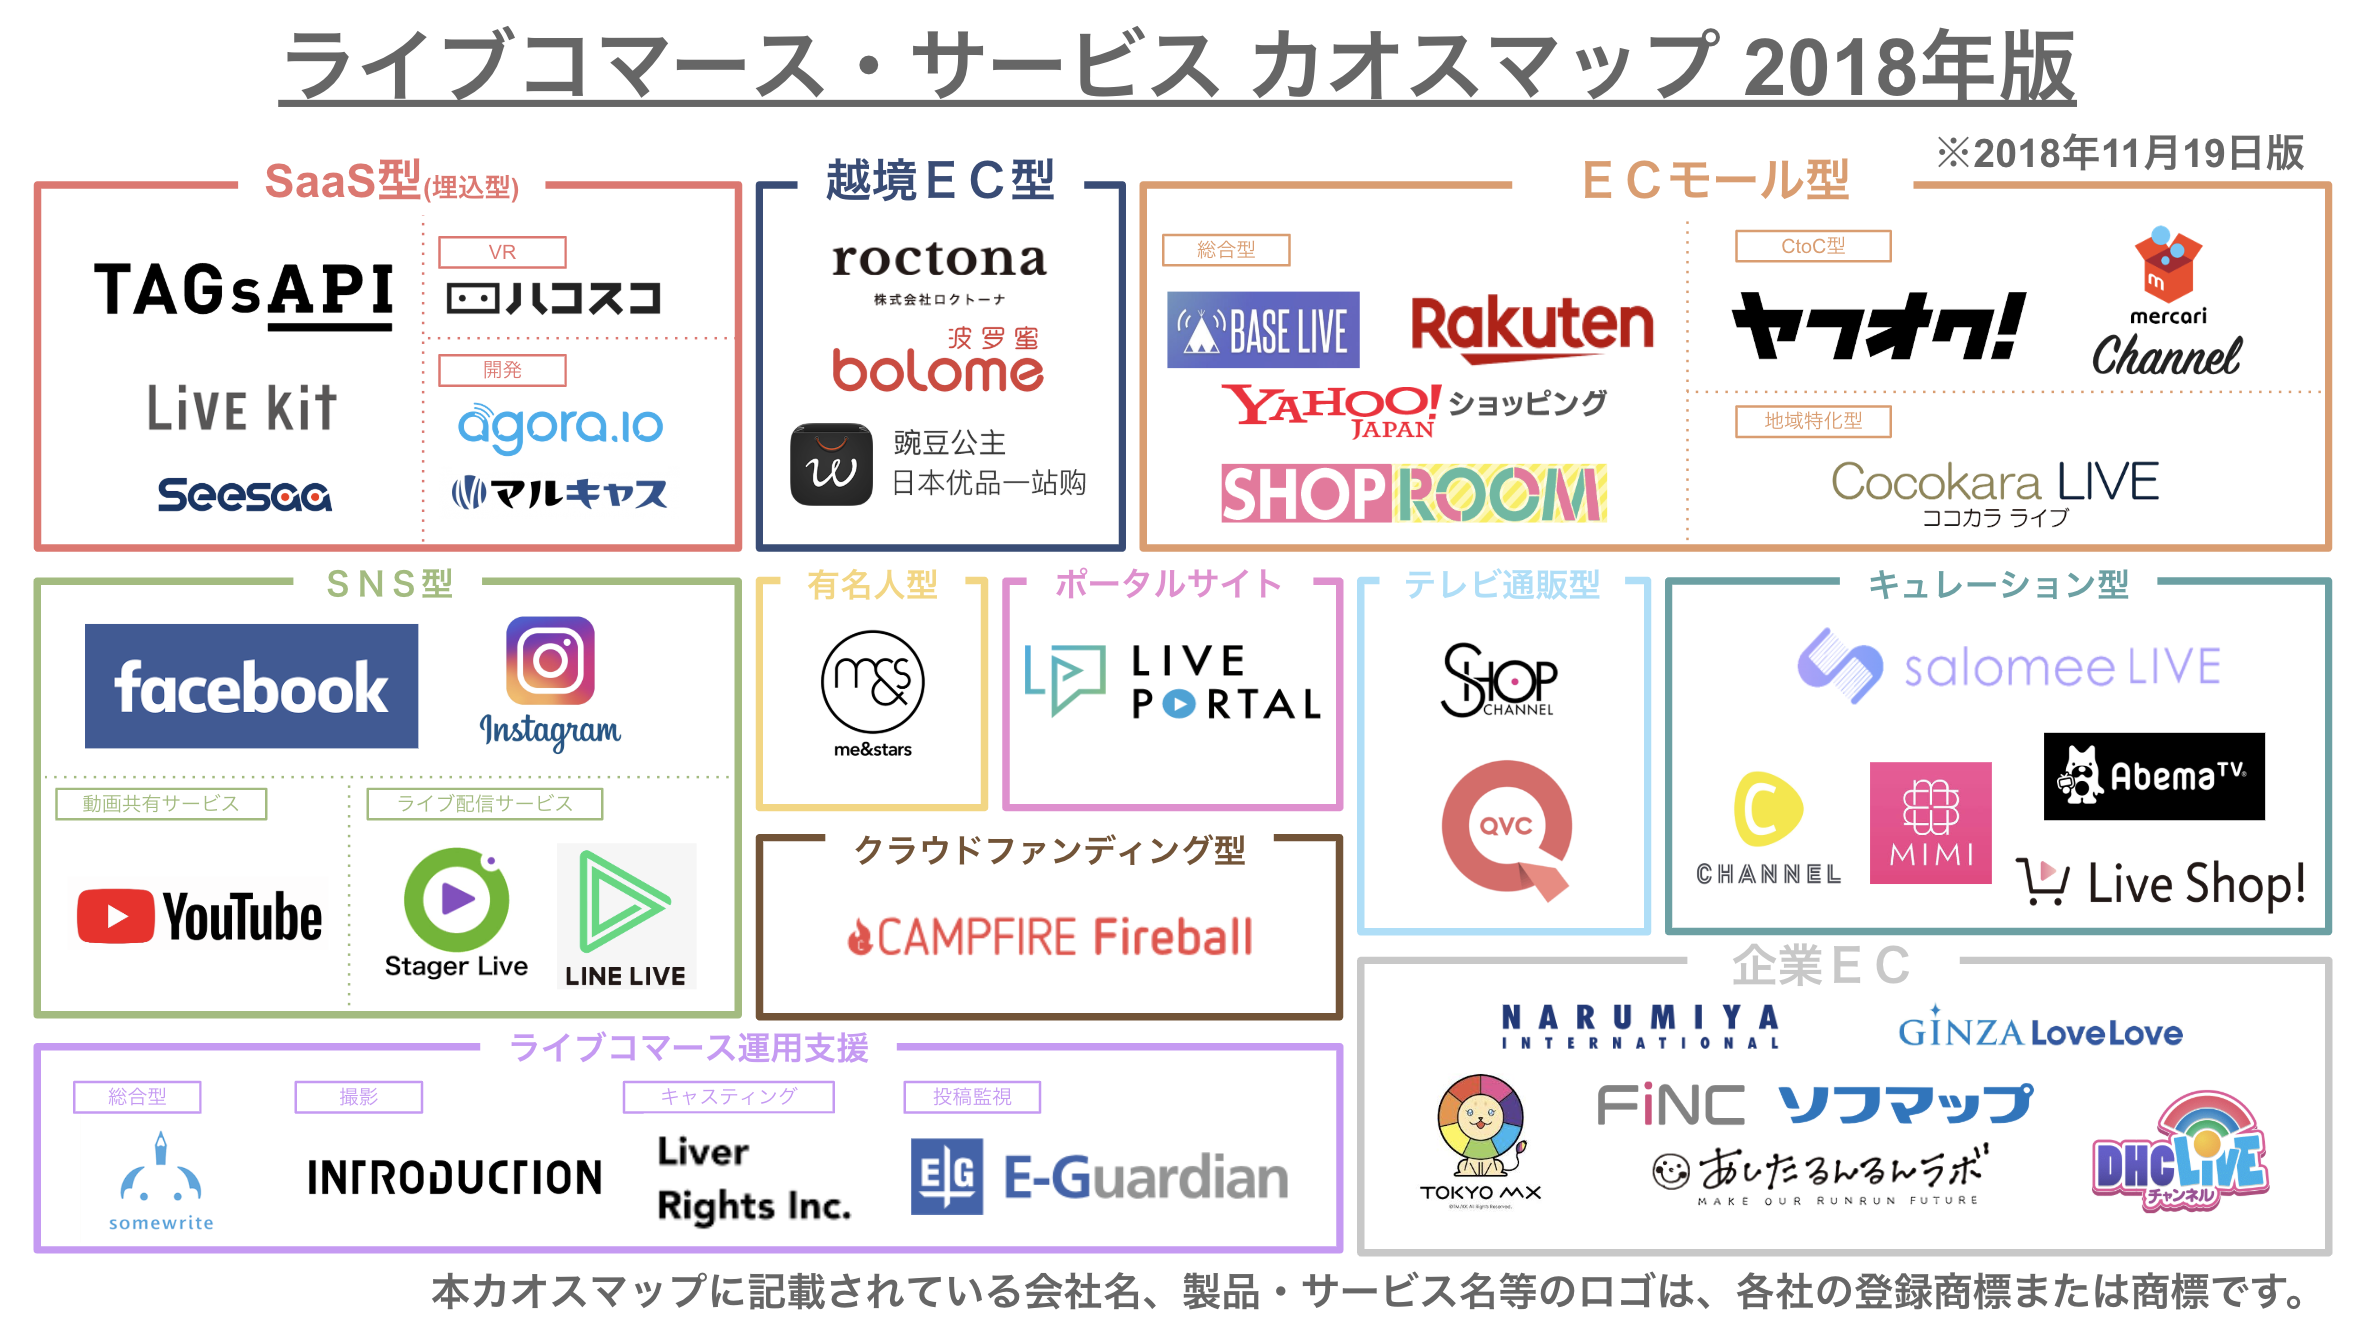 ライブコマース・サービスカオスマップ 2018年版.png